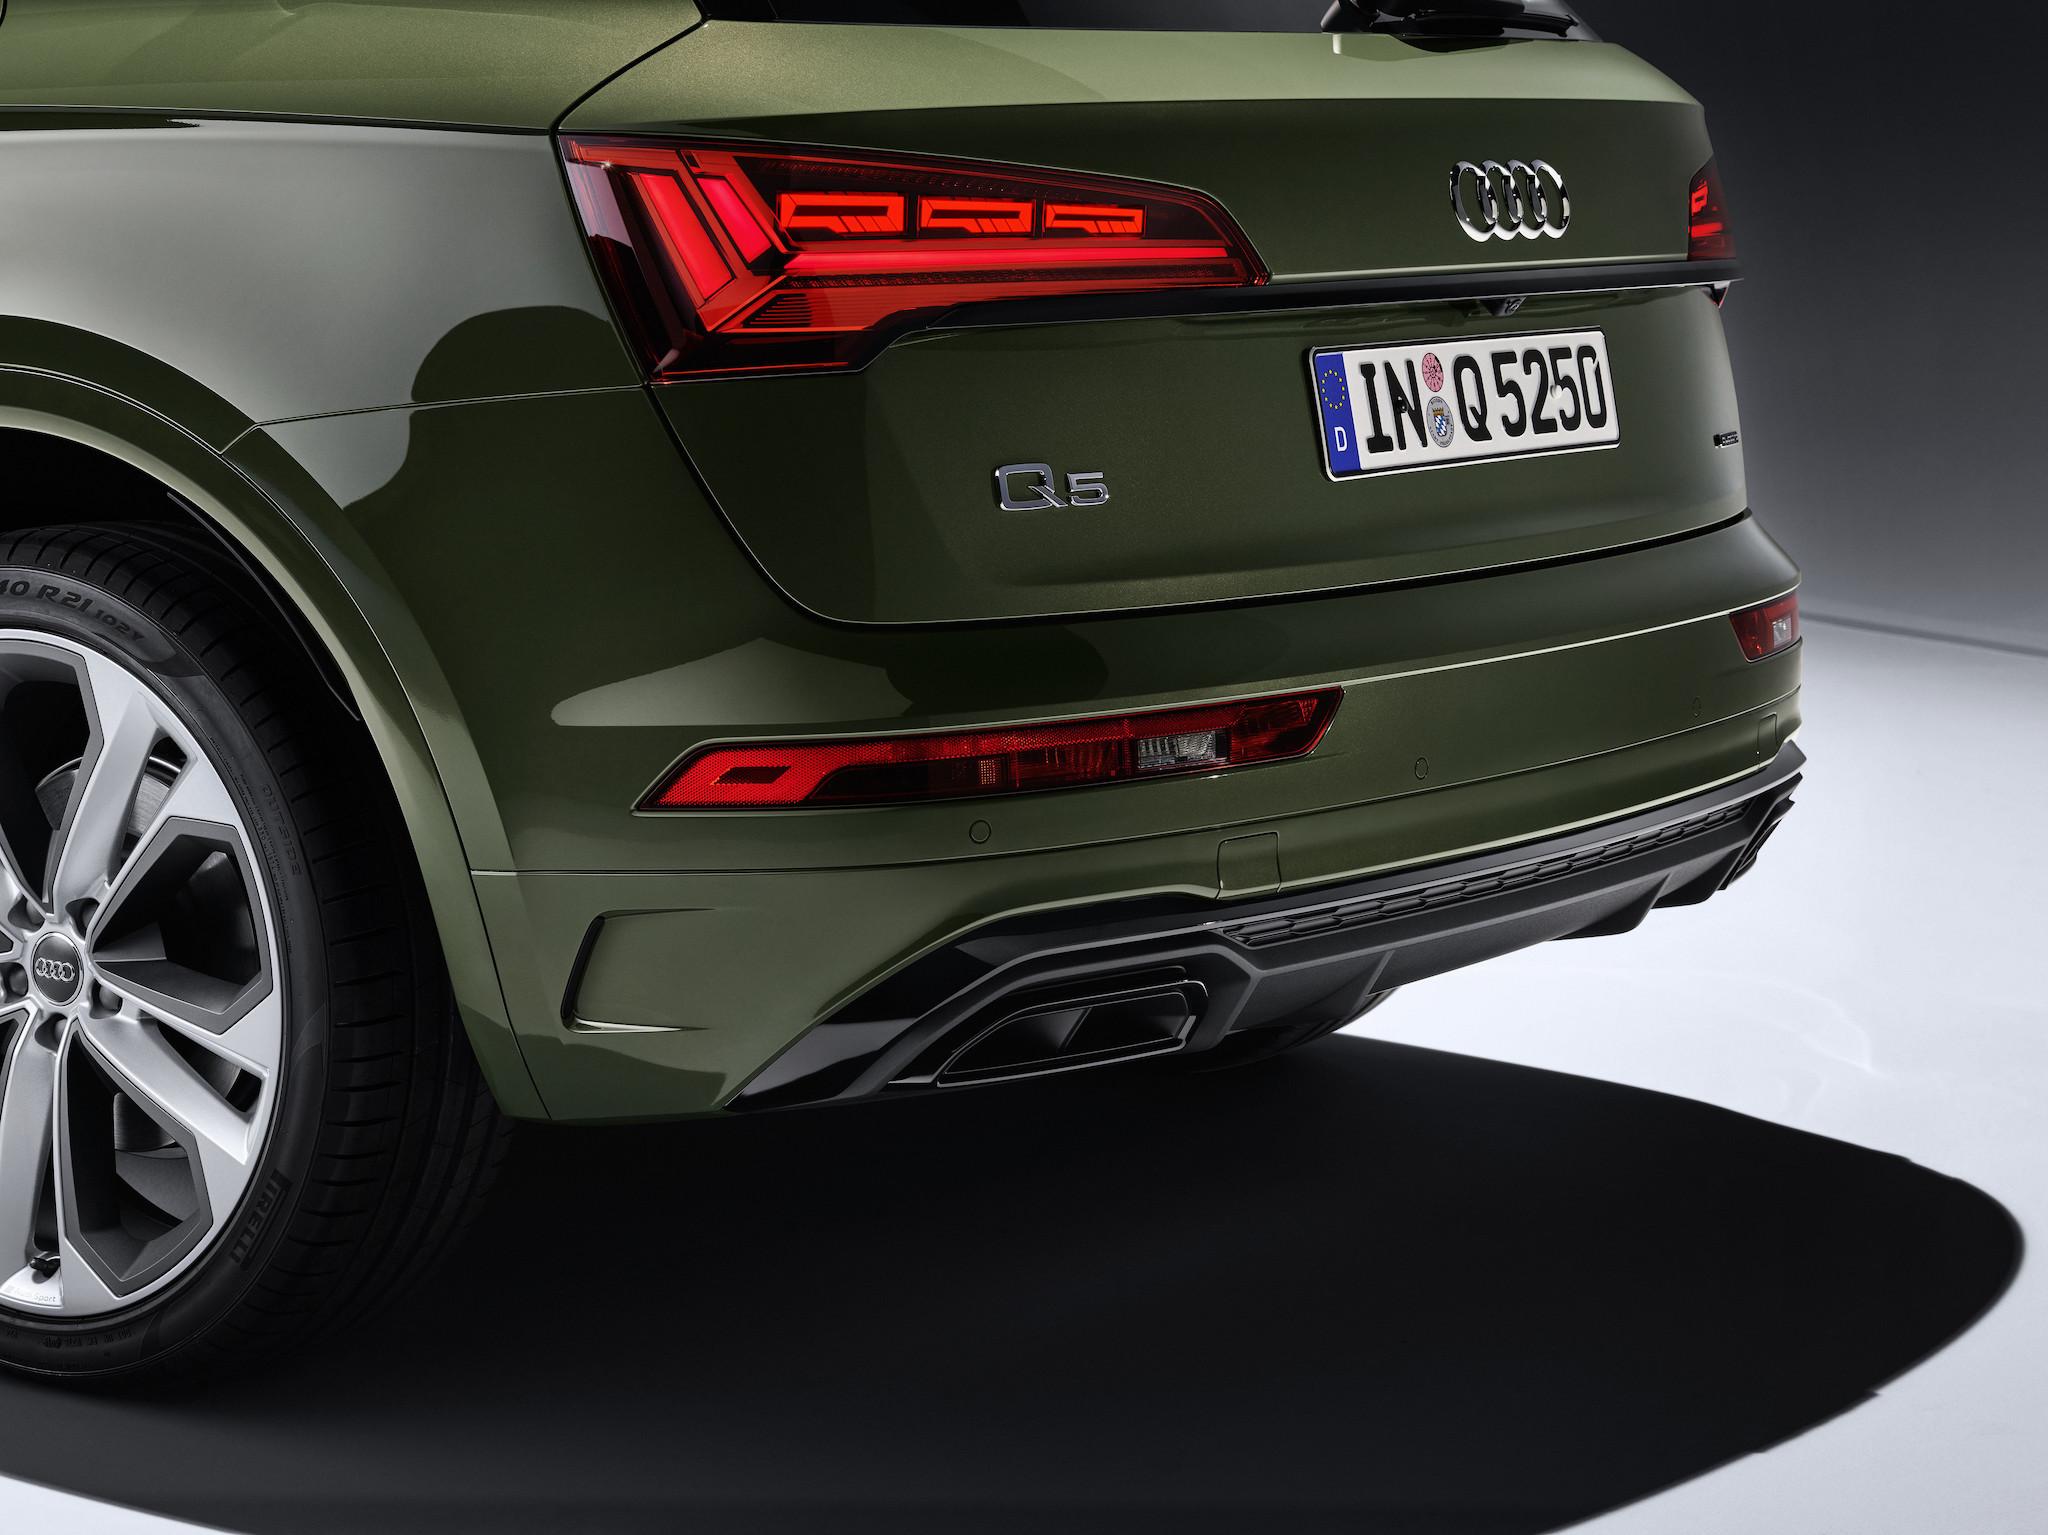 限量的 Edition One 車型,提供最新 OLED 尾燈套件與 19 吋鋁圈等多項升級配備。